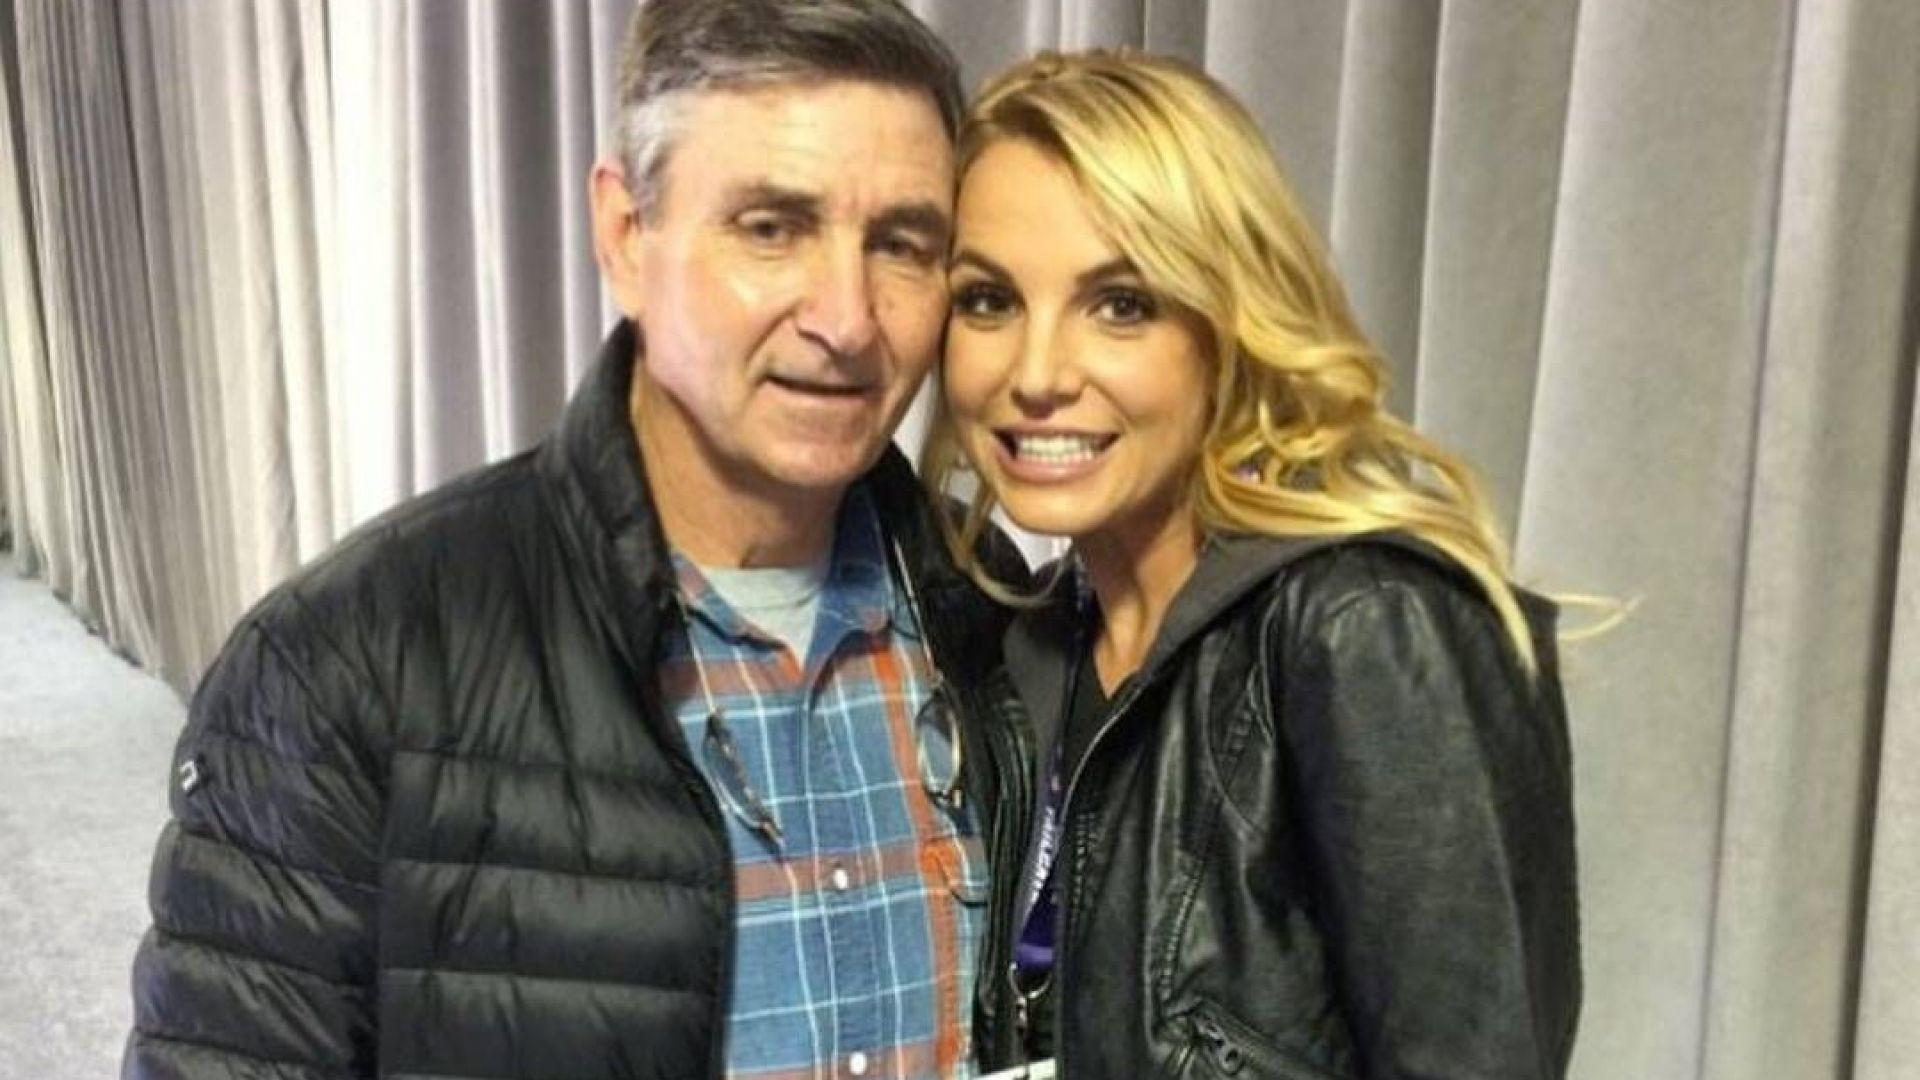 Съд отне от бащата на Бритни Спиърс попечителството над нея